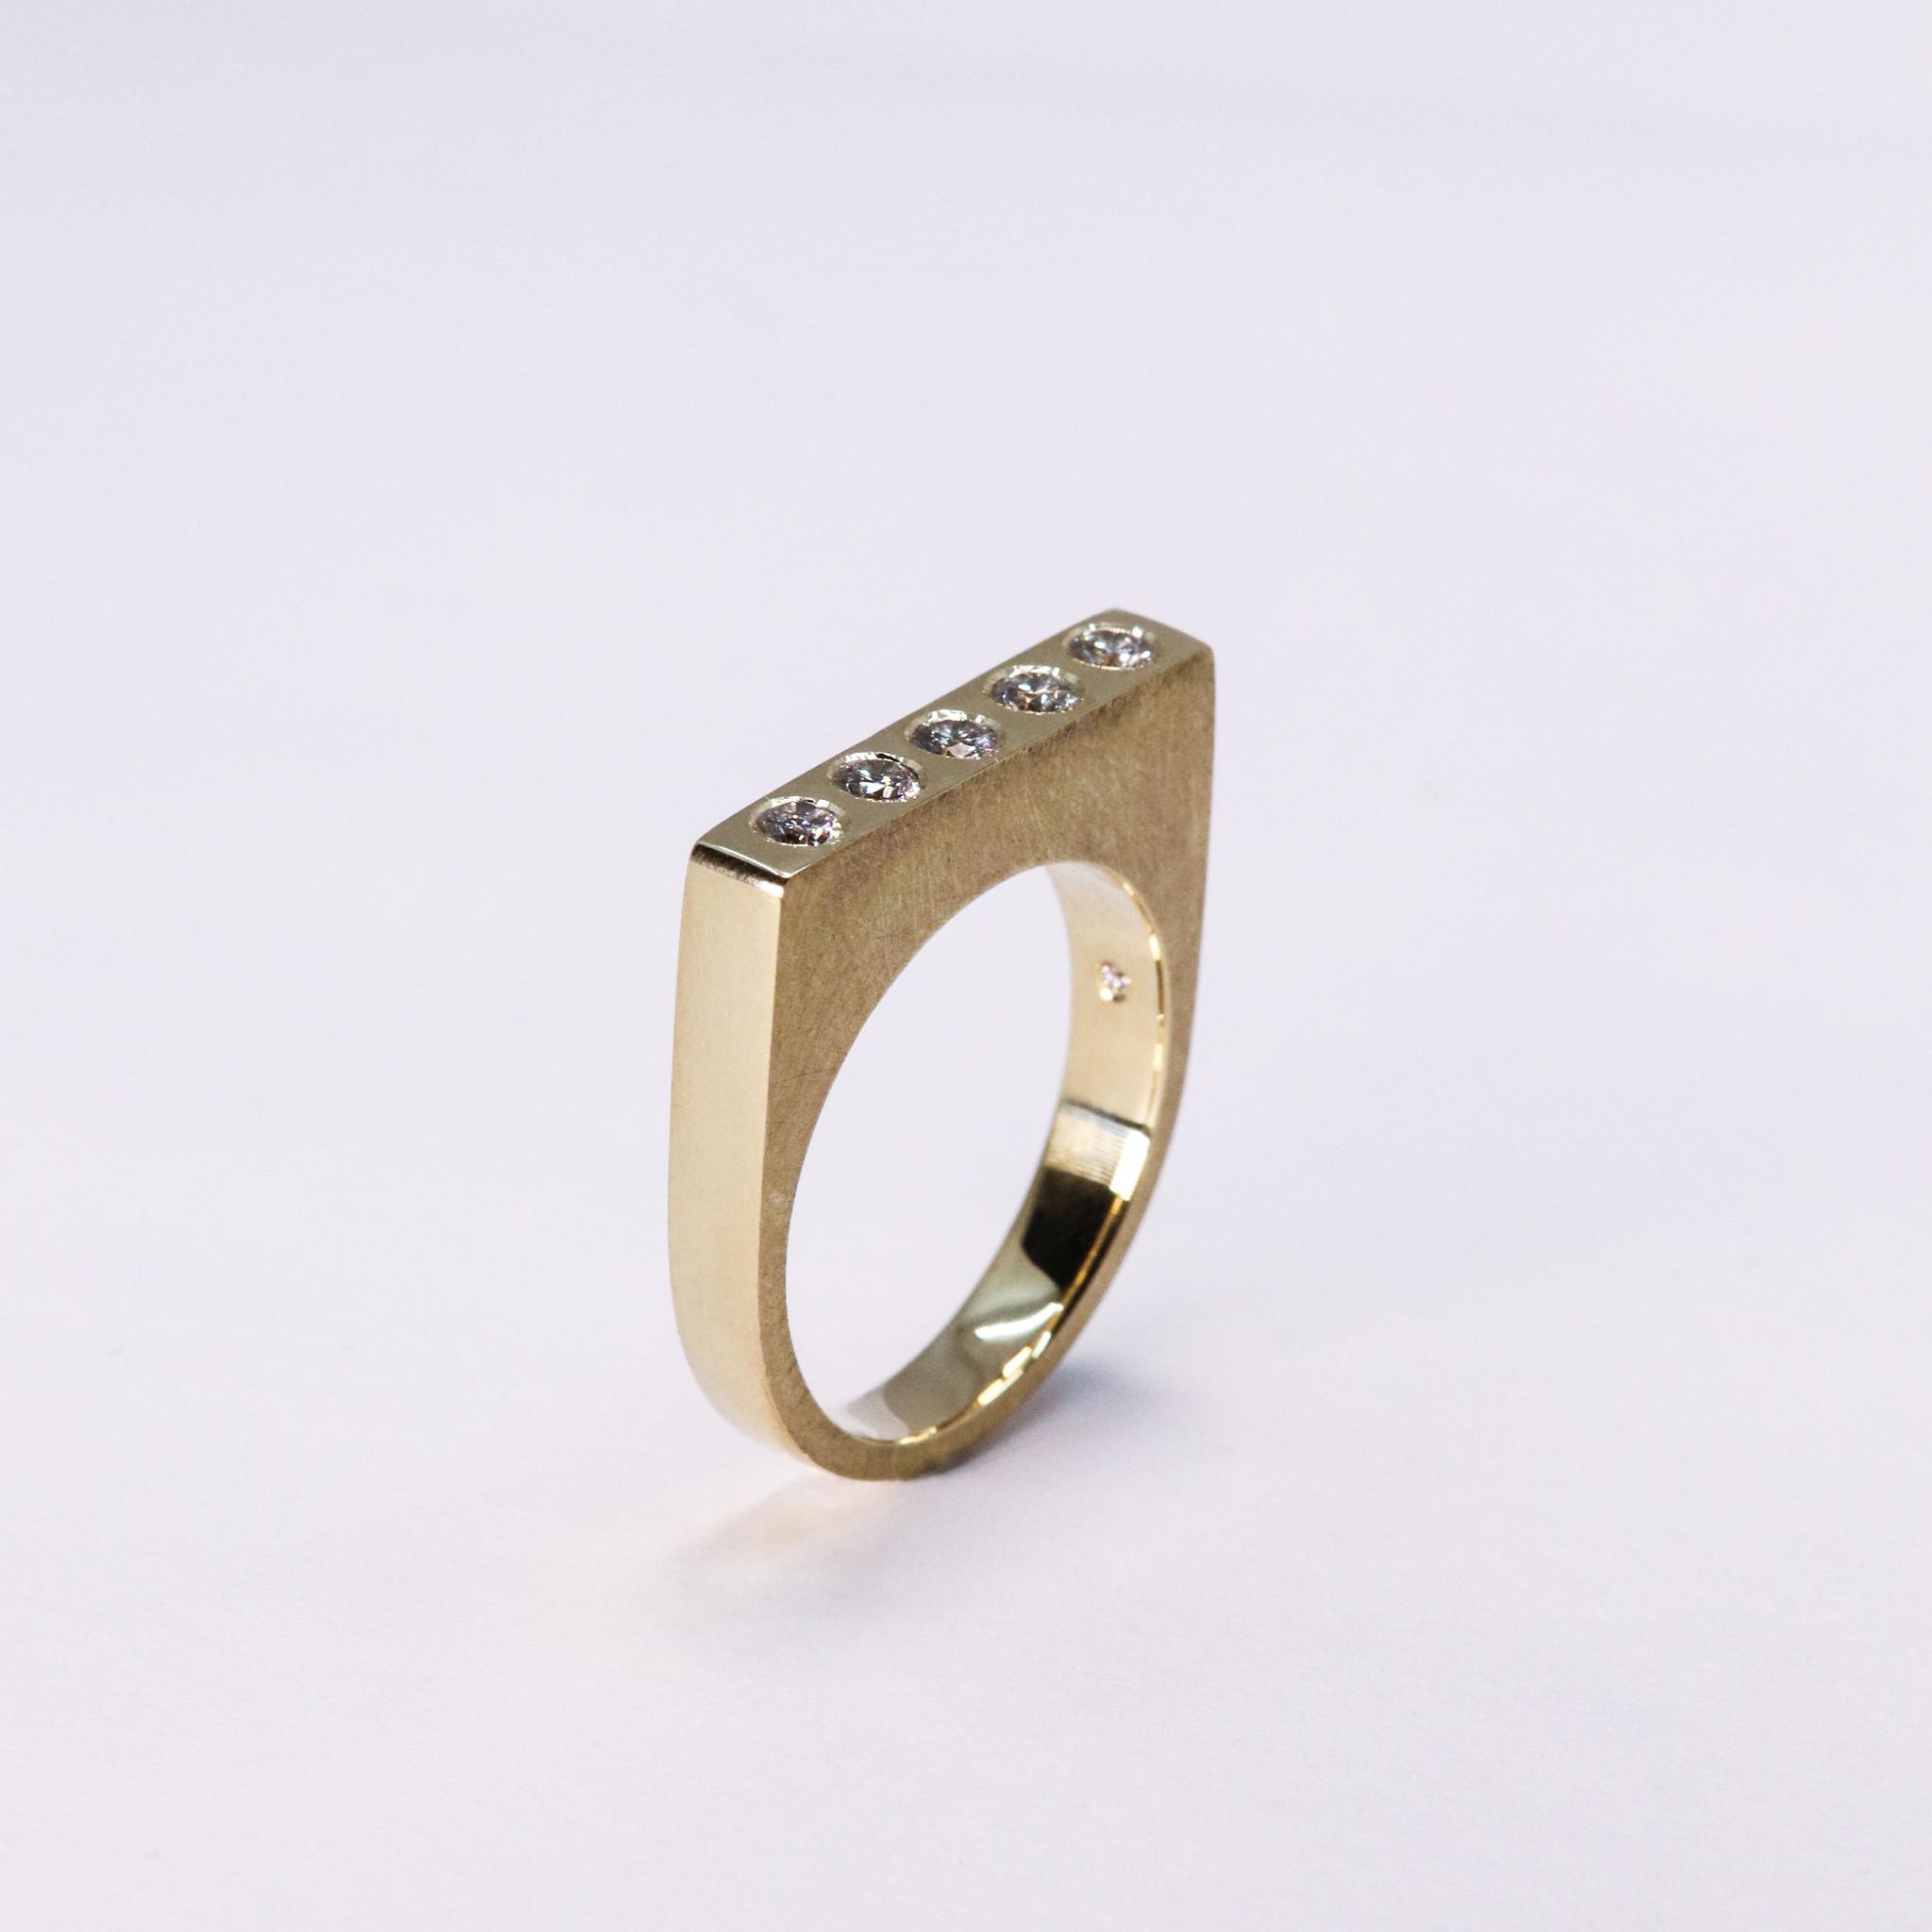 Ring SOBER, goud-2